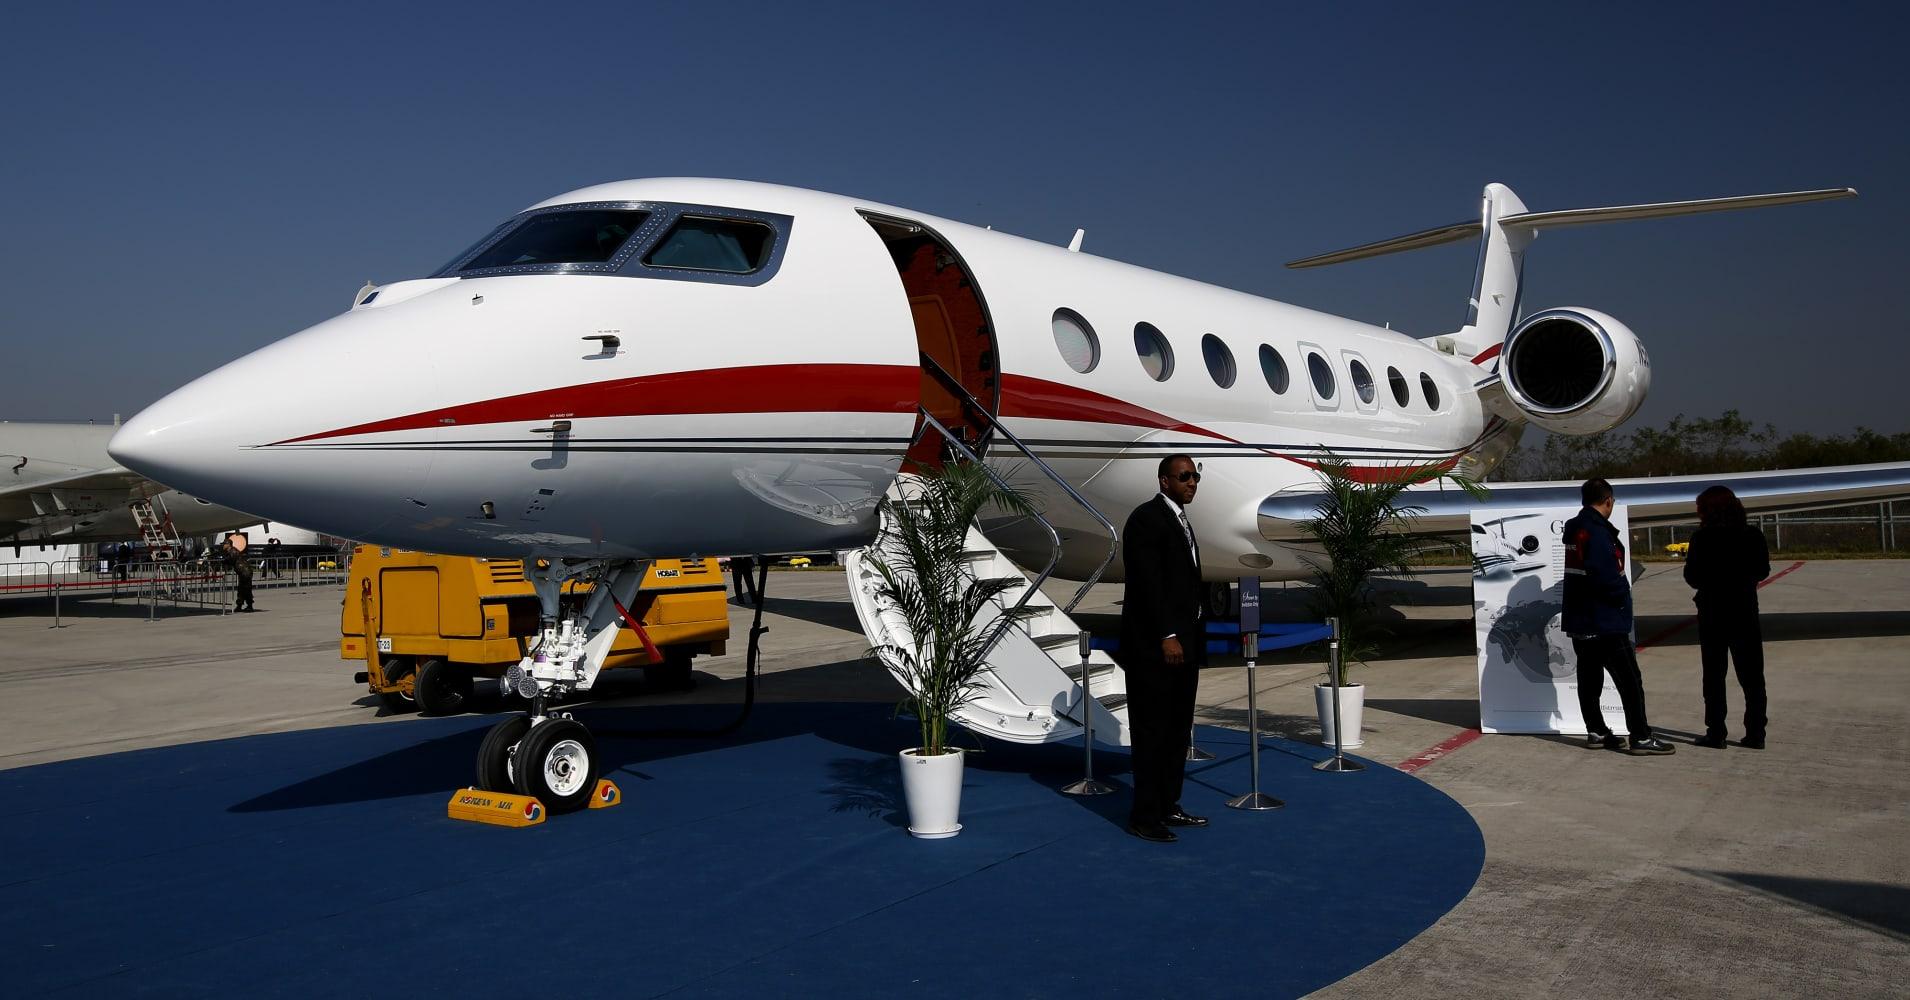 Private Jet Market Split As Price Gap Widens